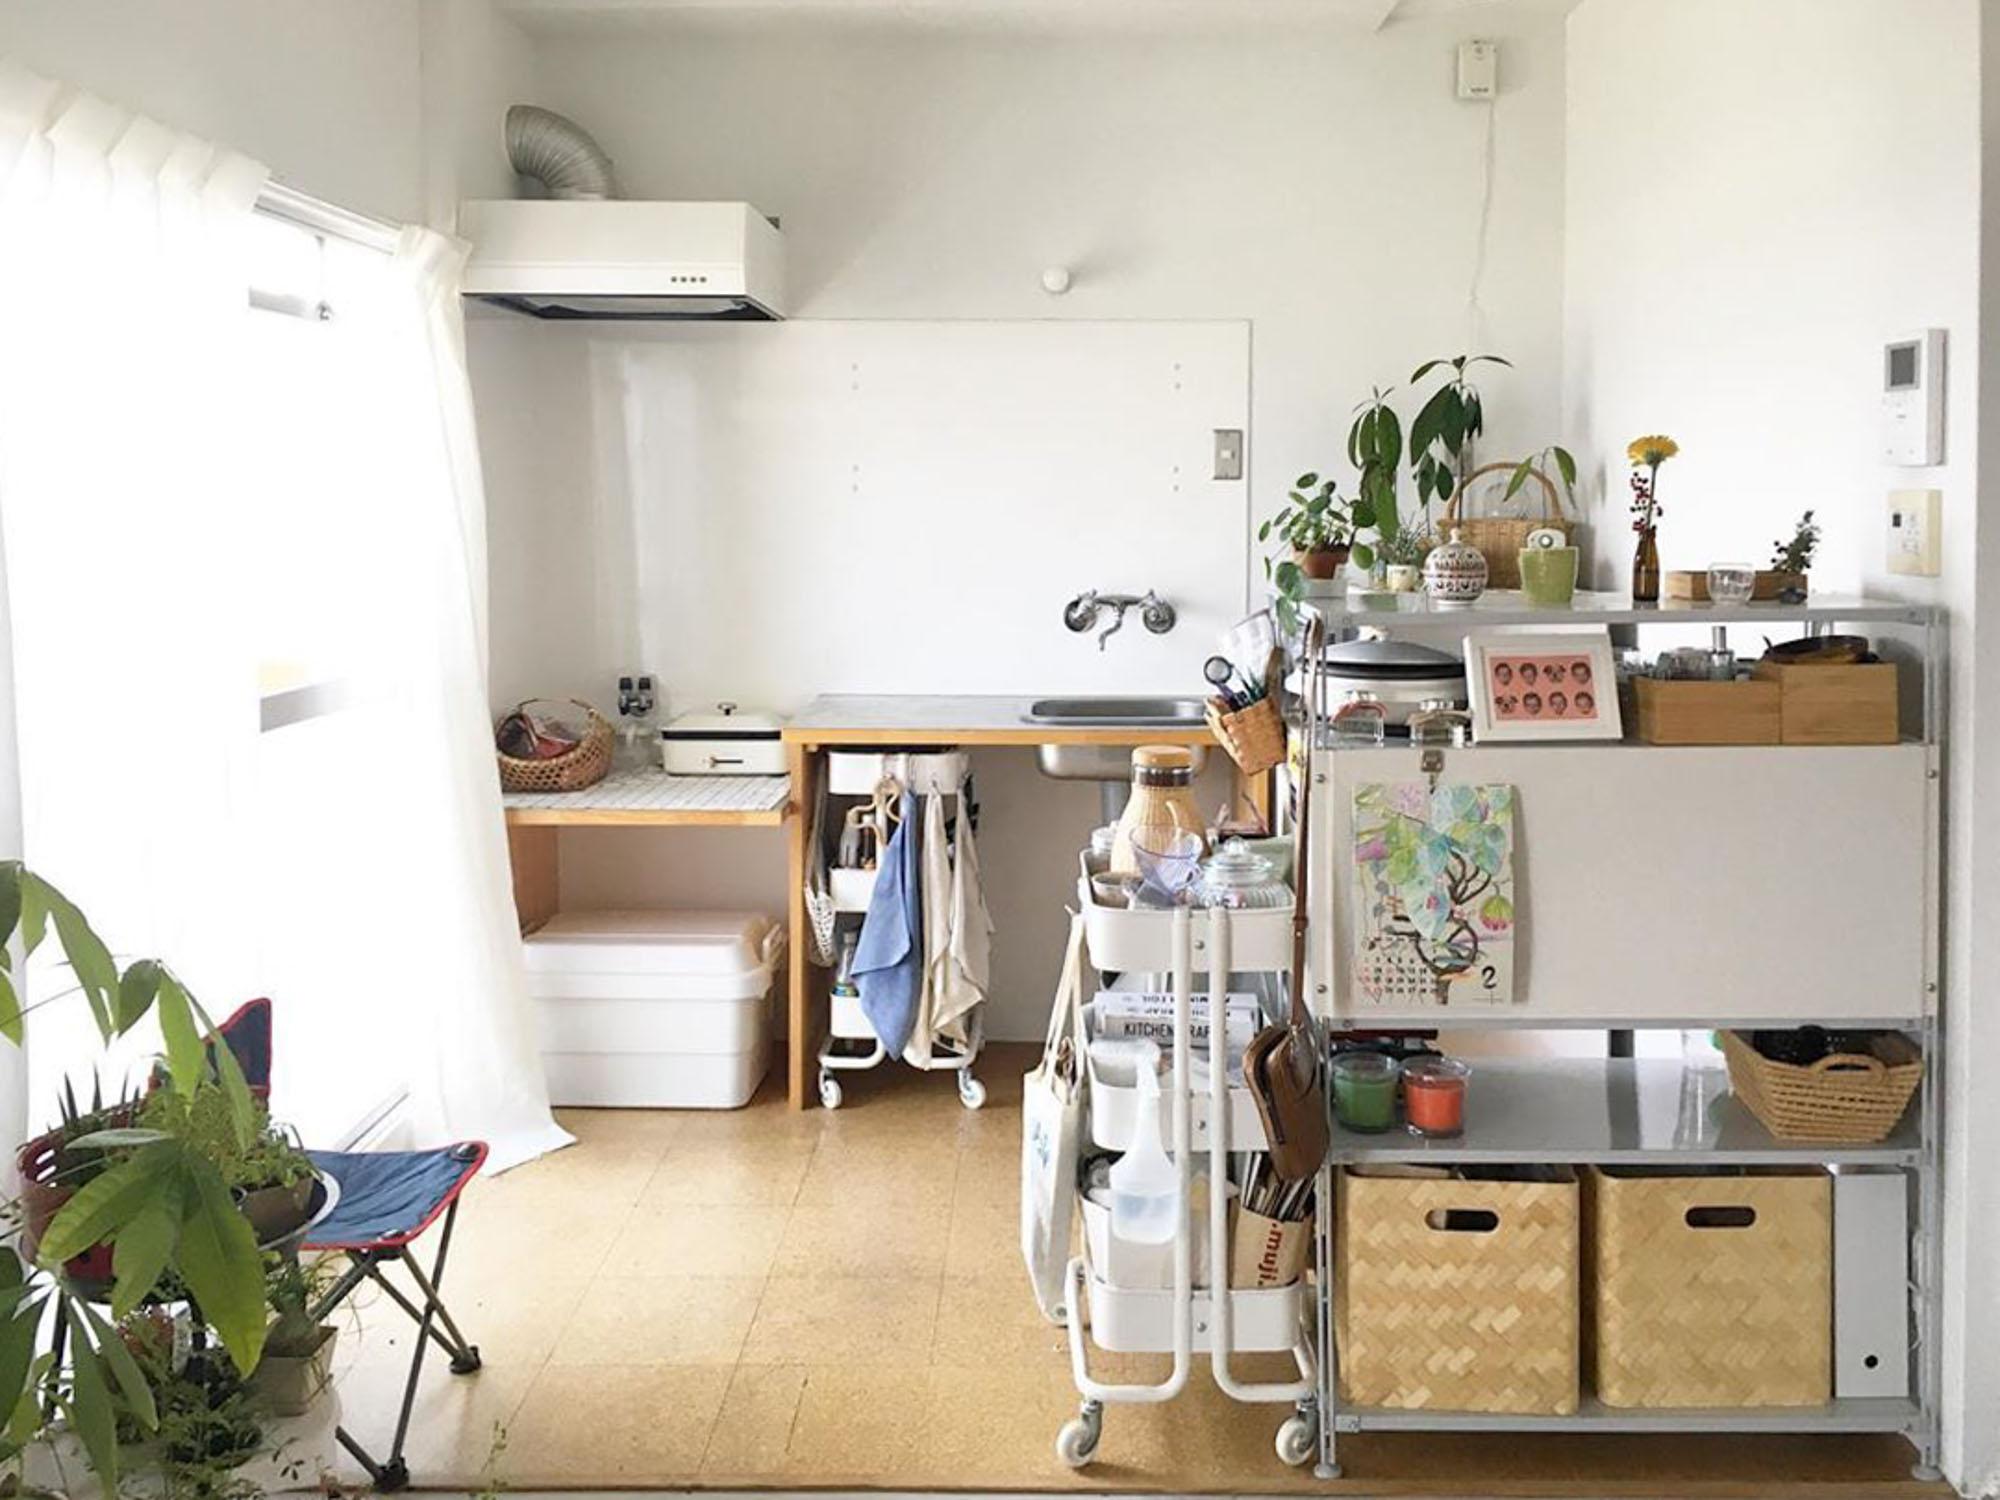 こちらのお部屋では、キッチンと居室との間仕切りとして活用。(このお部屋はこちら)